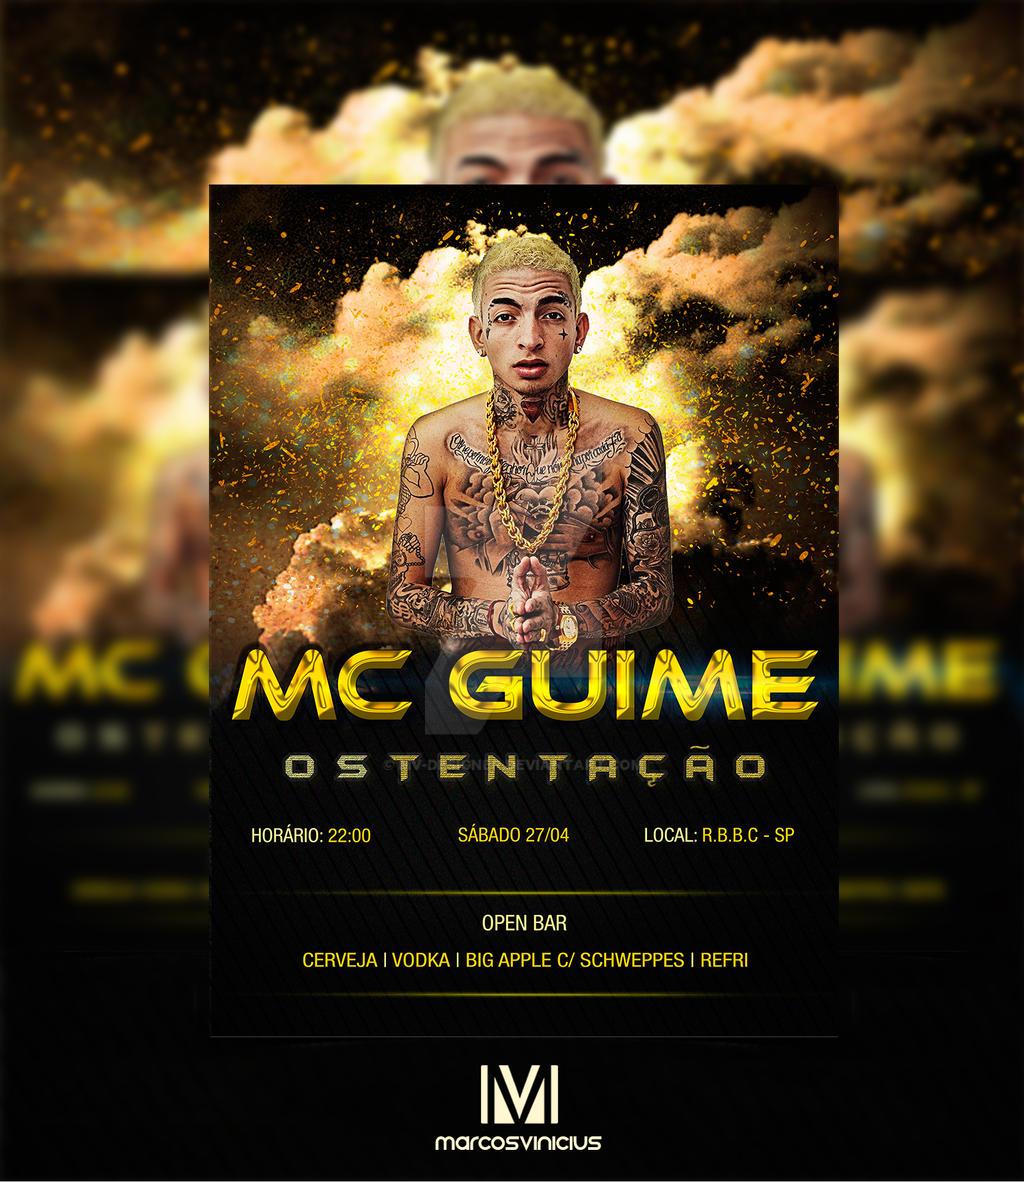 Flyer Mc Guime By Mv Designer On Deviantart Guilherme aparecido dantas ou apenas mc guime, sagitariano nascido no dia 10 de dezembro de 1992, o. flyer mc guime by mv designer on deviantart